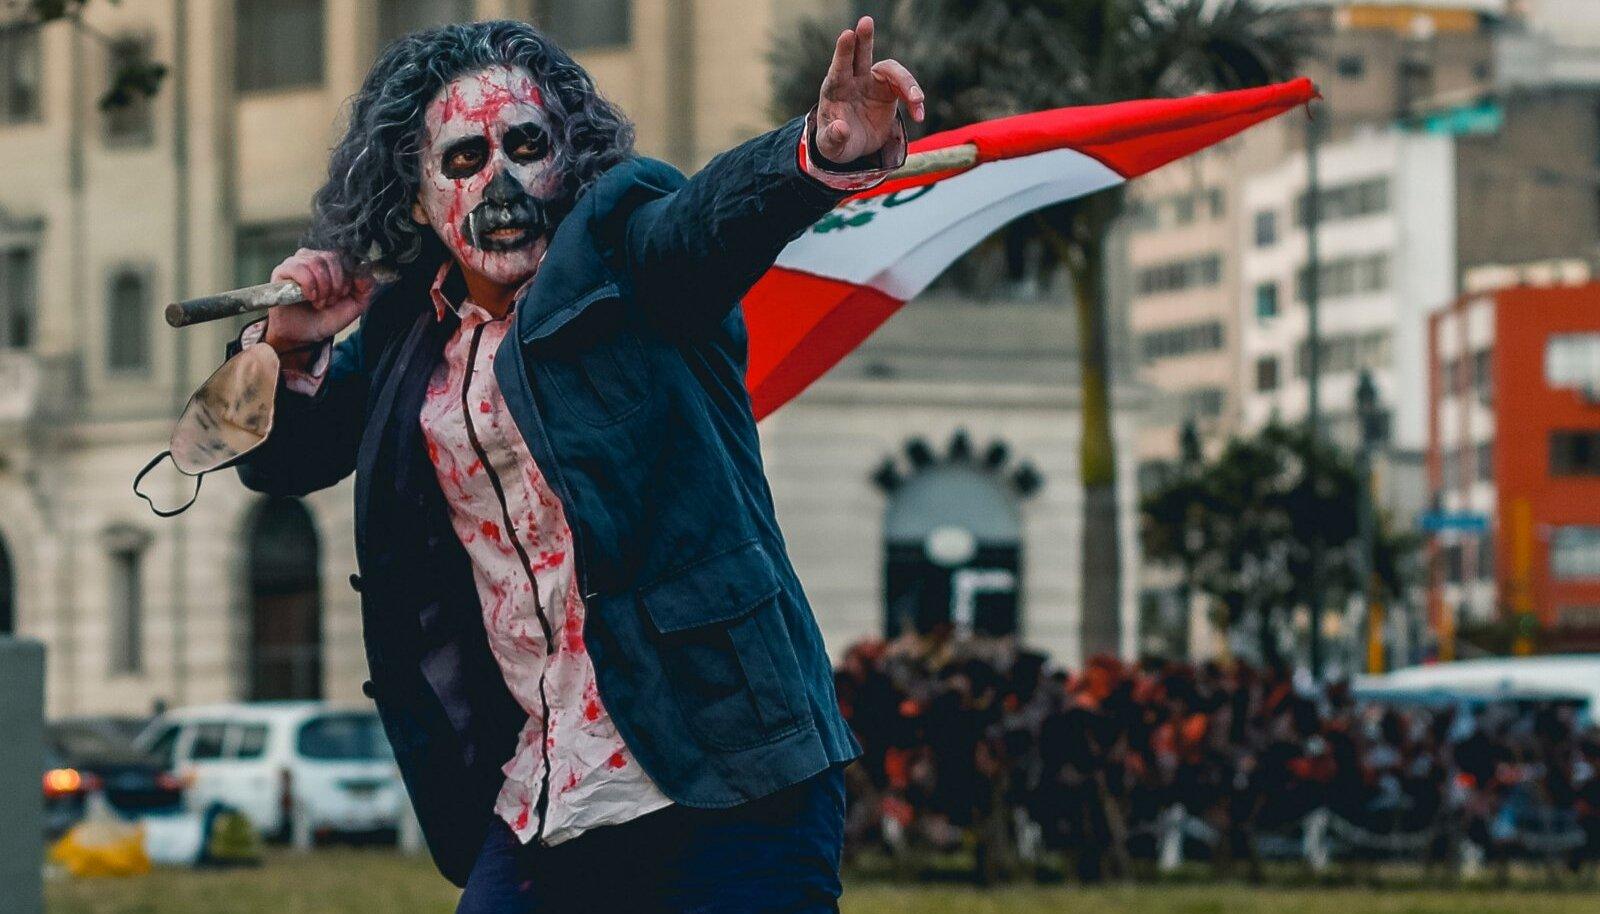 PLATS PUHTAKS! Peruud on haaranud massilised väljaastumised korruptsiooni vastu. Üks Limas nn rahvuslikul marsil osalenud meeleavaldaja.